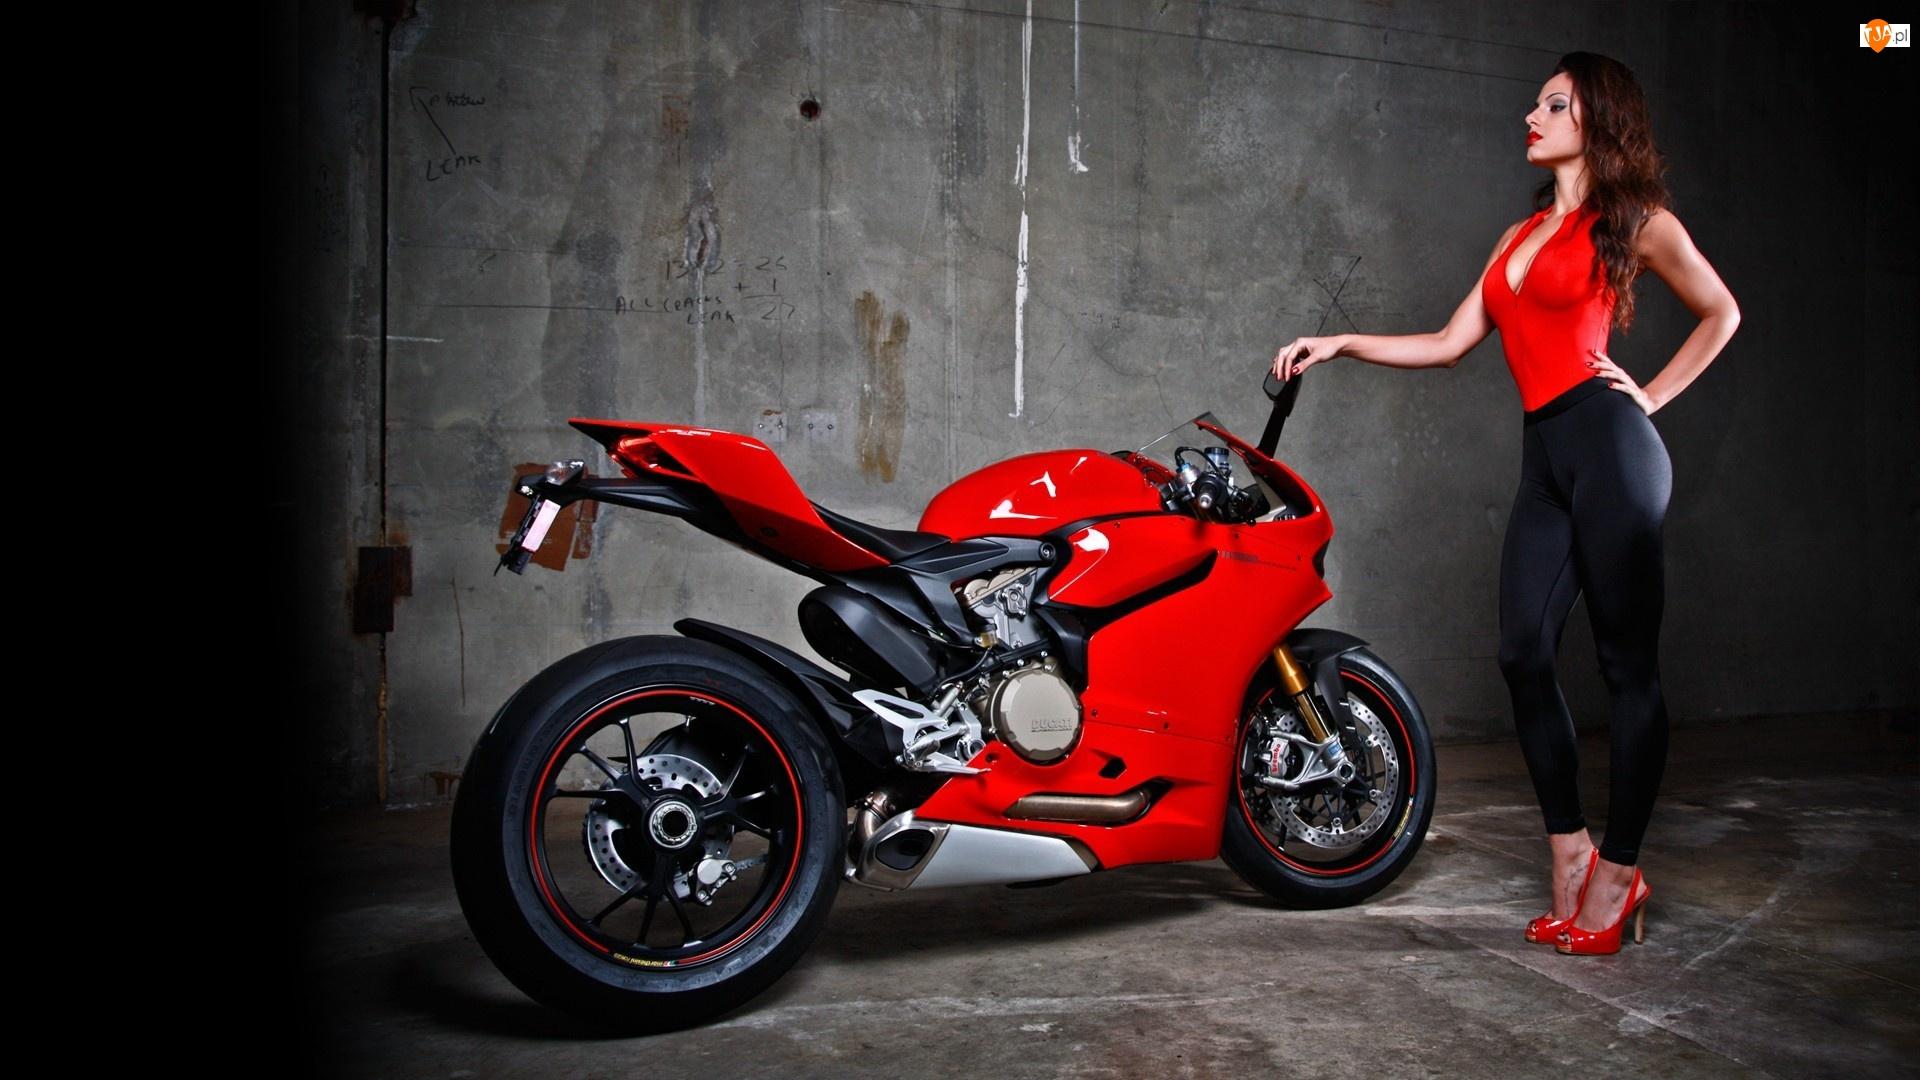 Kobieta, Czerwony, Motor, Ducati, Modelka, Sportowy, Ścigacz